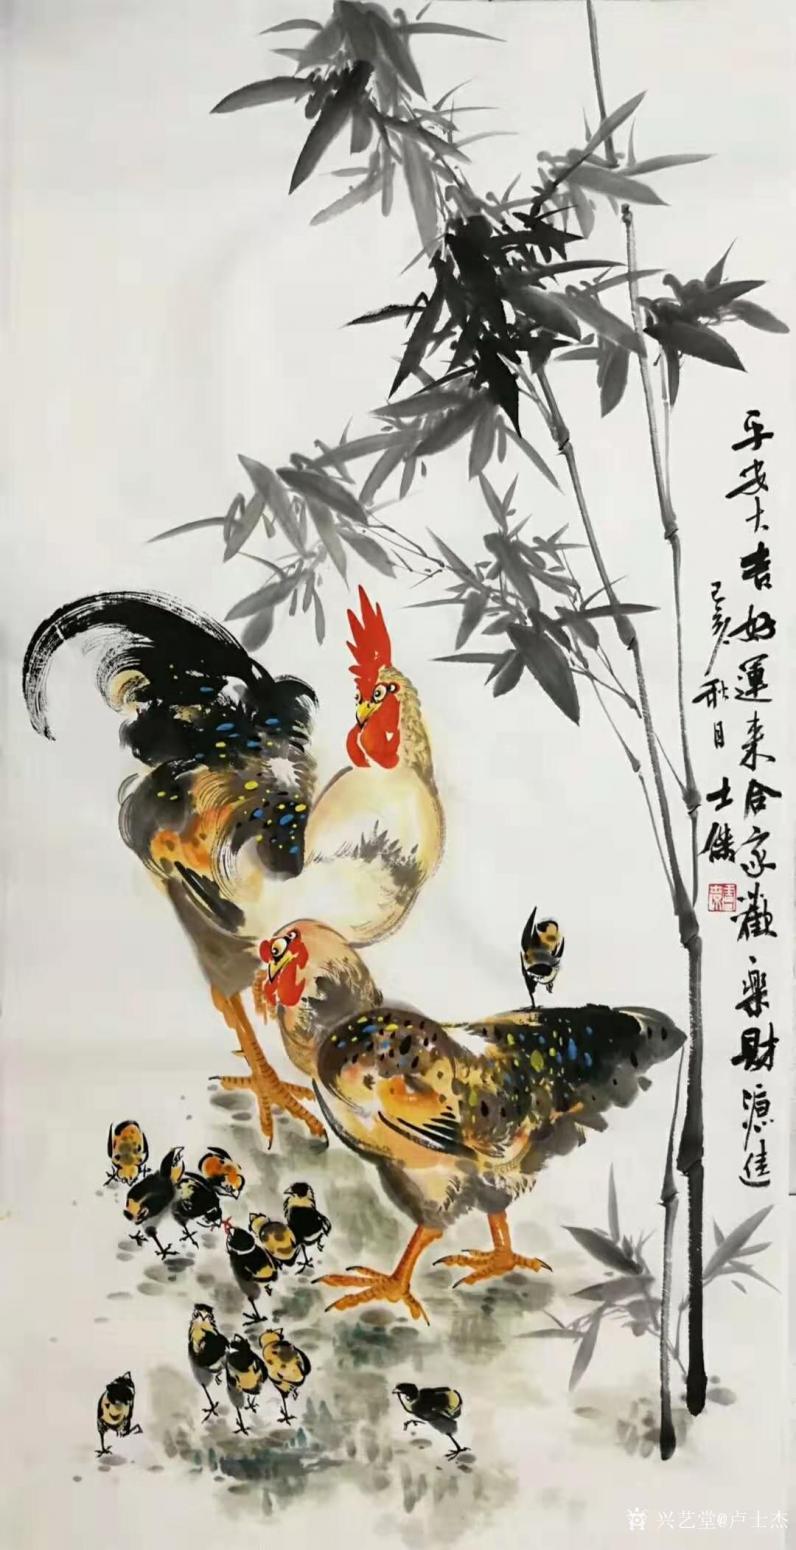 卢士杰国画作品《鸡-平安大吉》【图0】